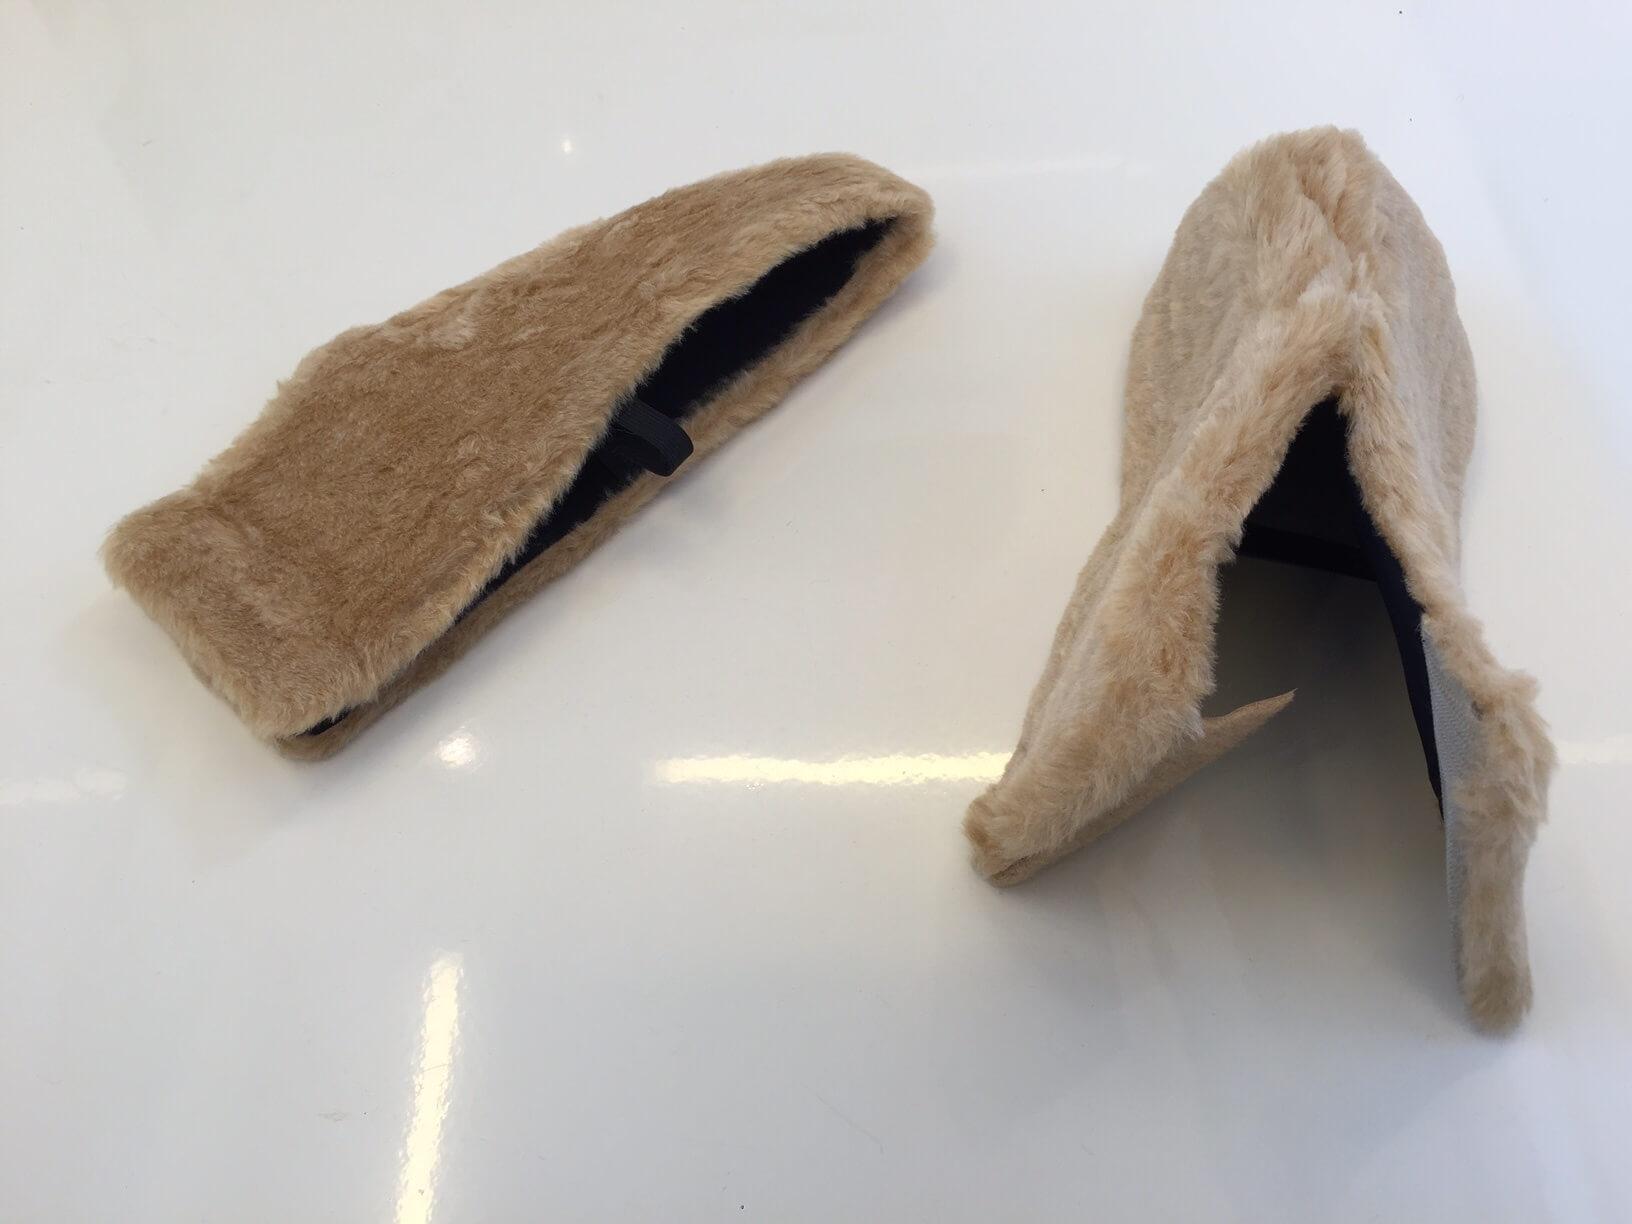 3p-Kostueme-Baeren-Lauffiguren